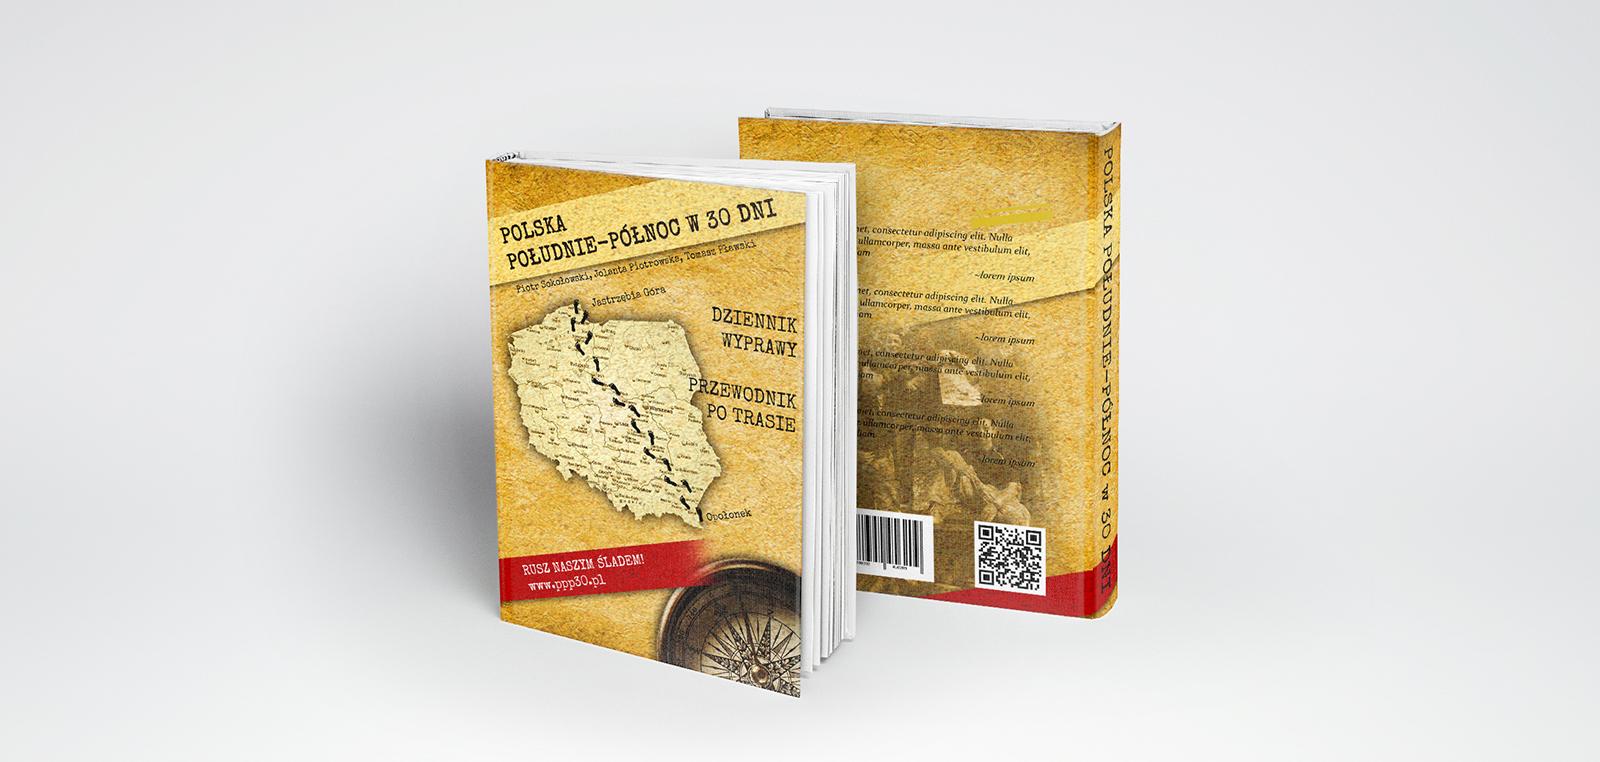 Projekt okładki książki opisującej podróż pieszo przez polskę